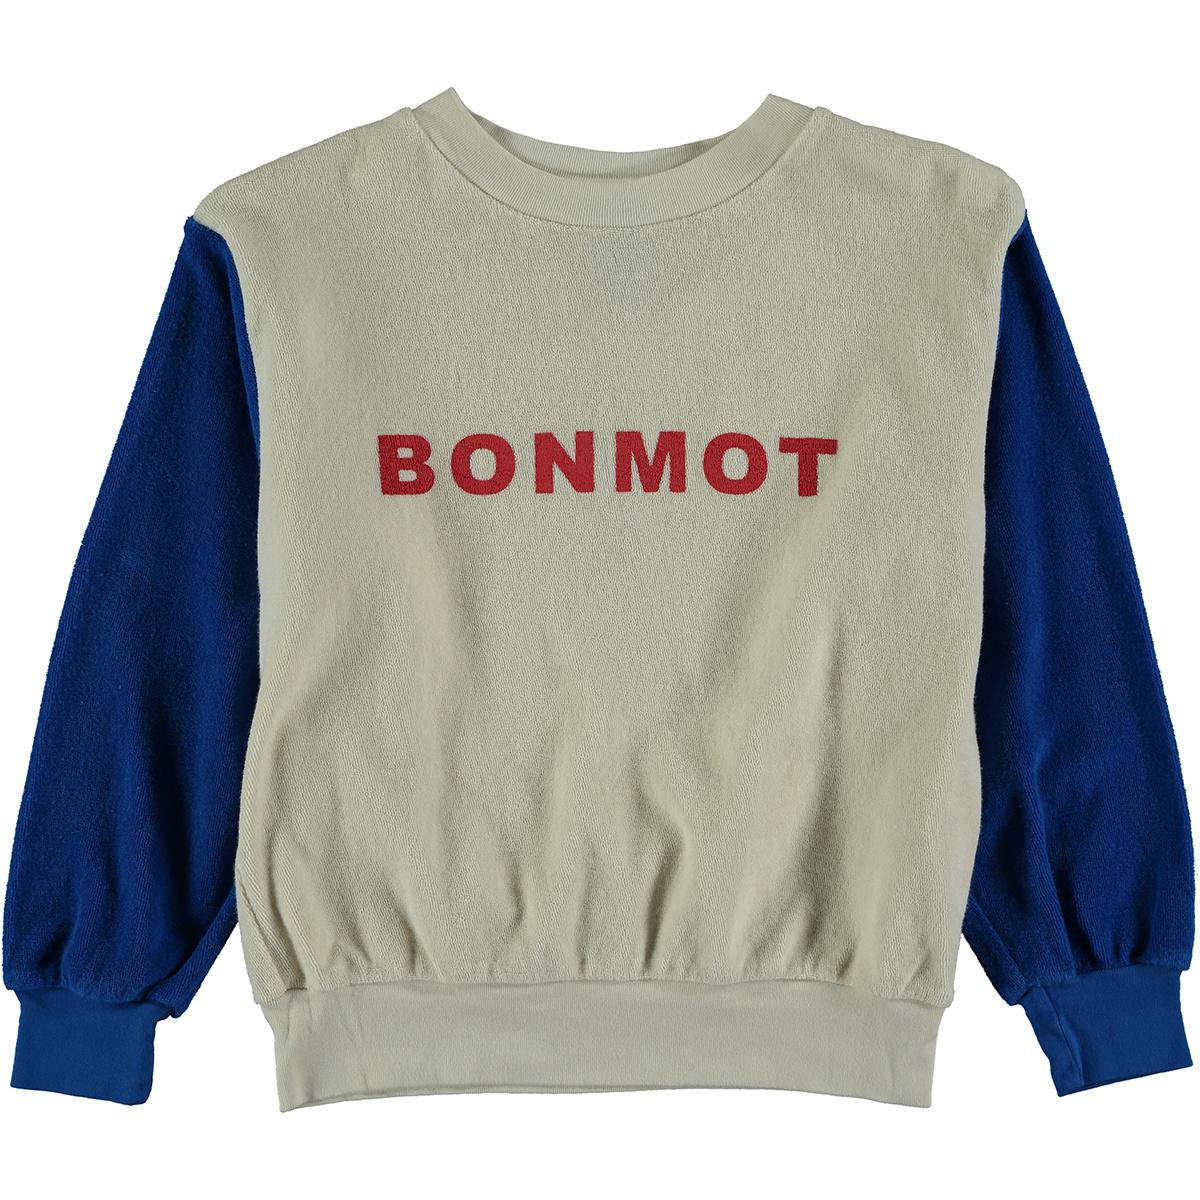 Sweatshirt Bonmot - Ivory-1